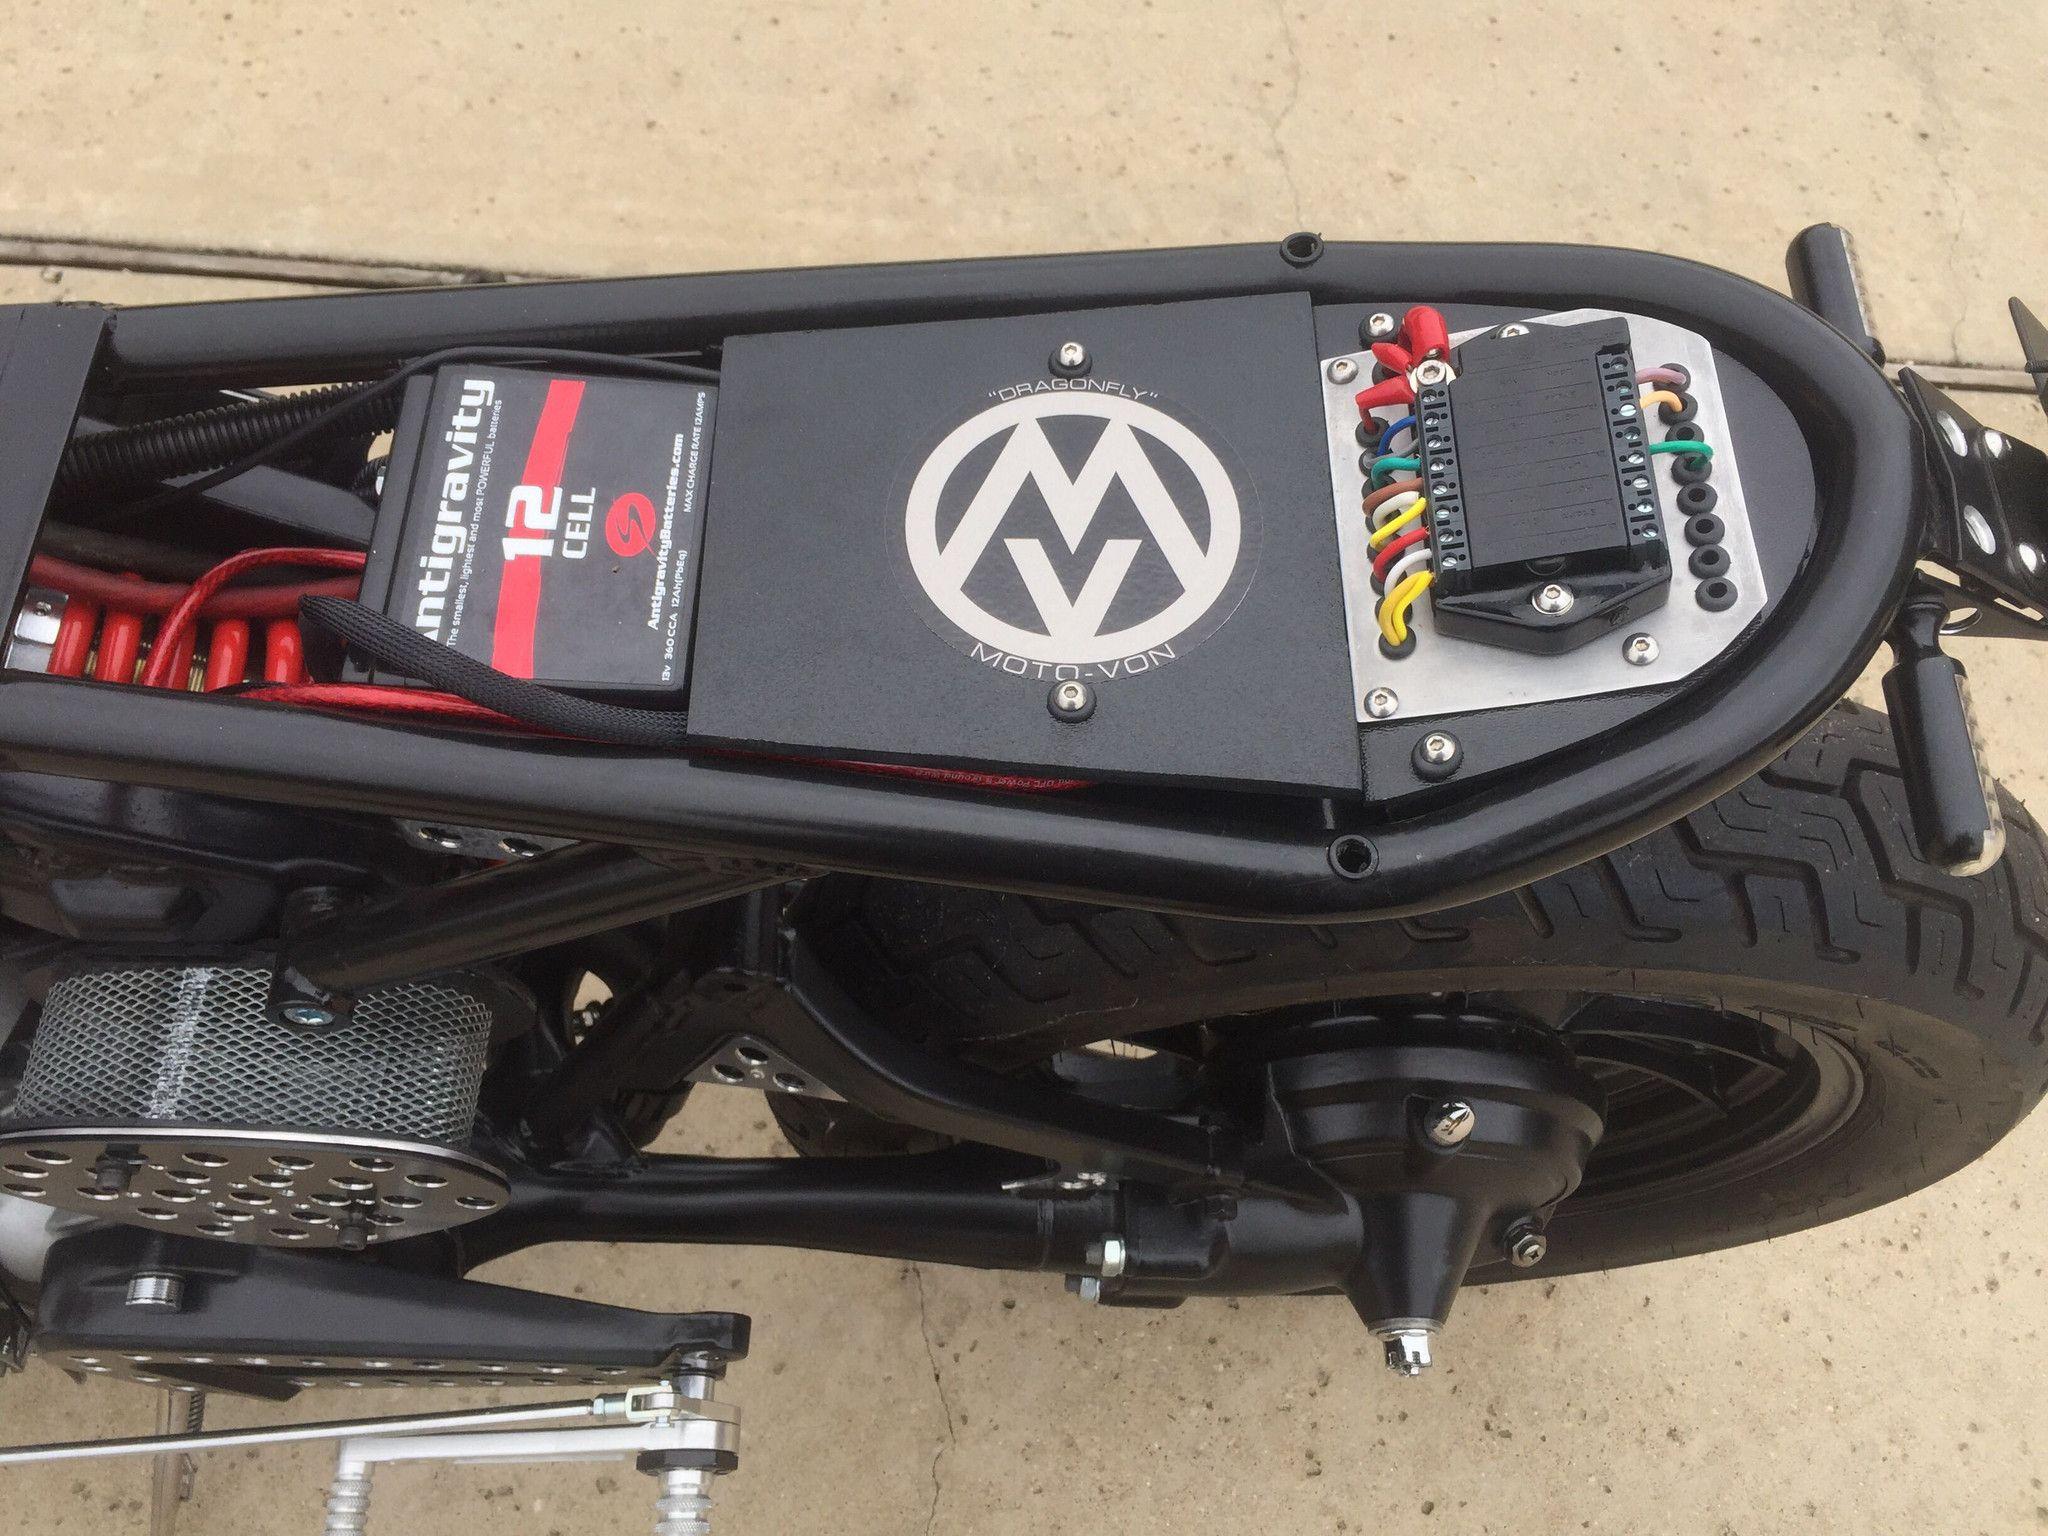 motogadget m unit v 2 cafe racer parts cafe bike. Black Bedroom Furniture Sets. Home Design Ideas